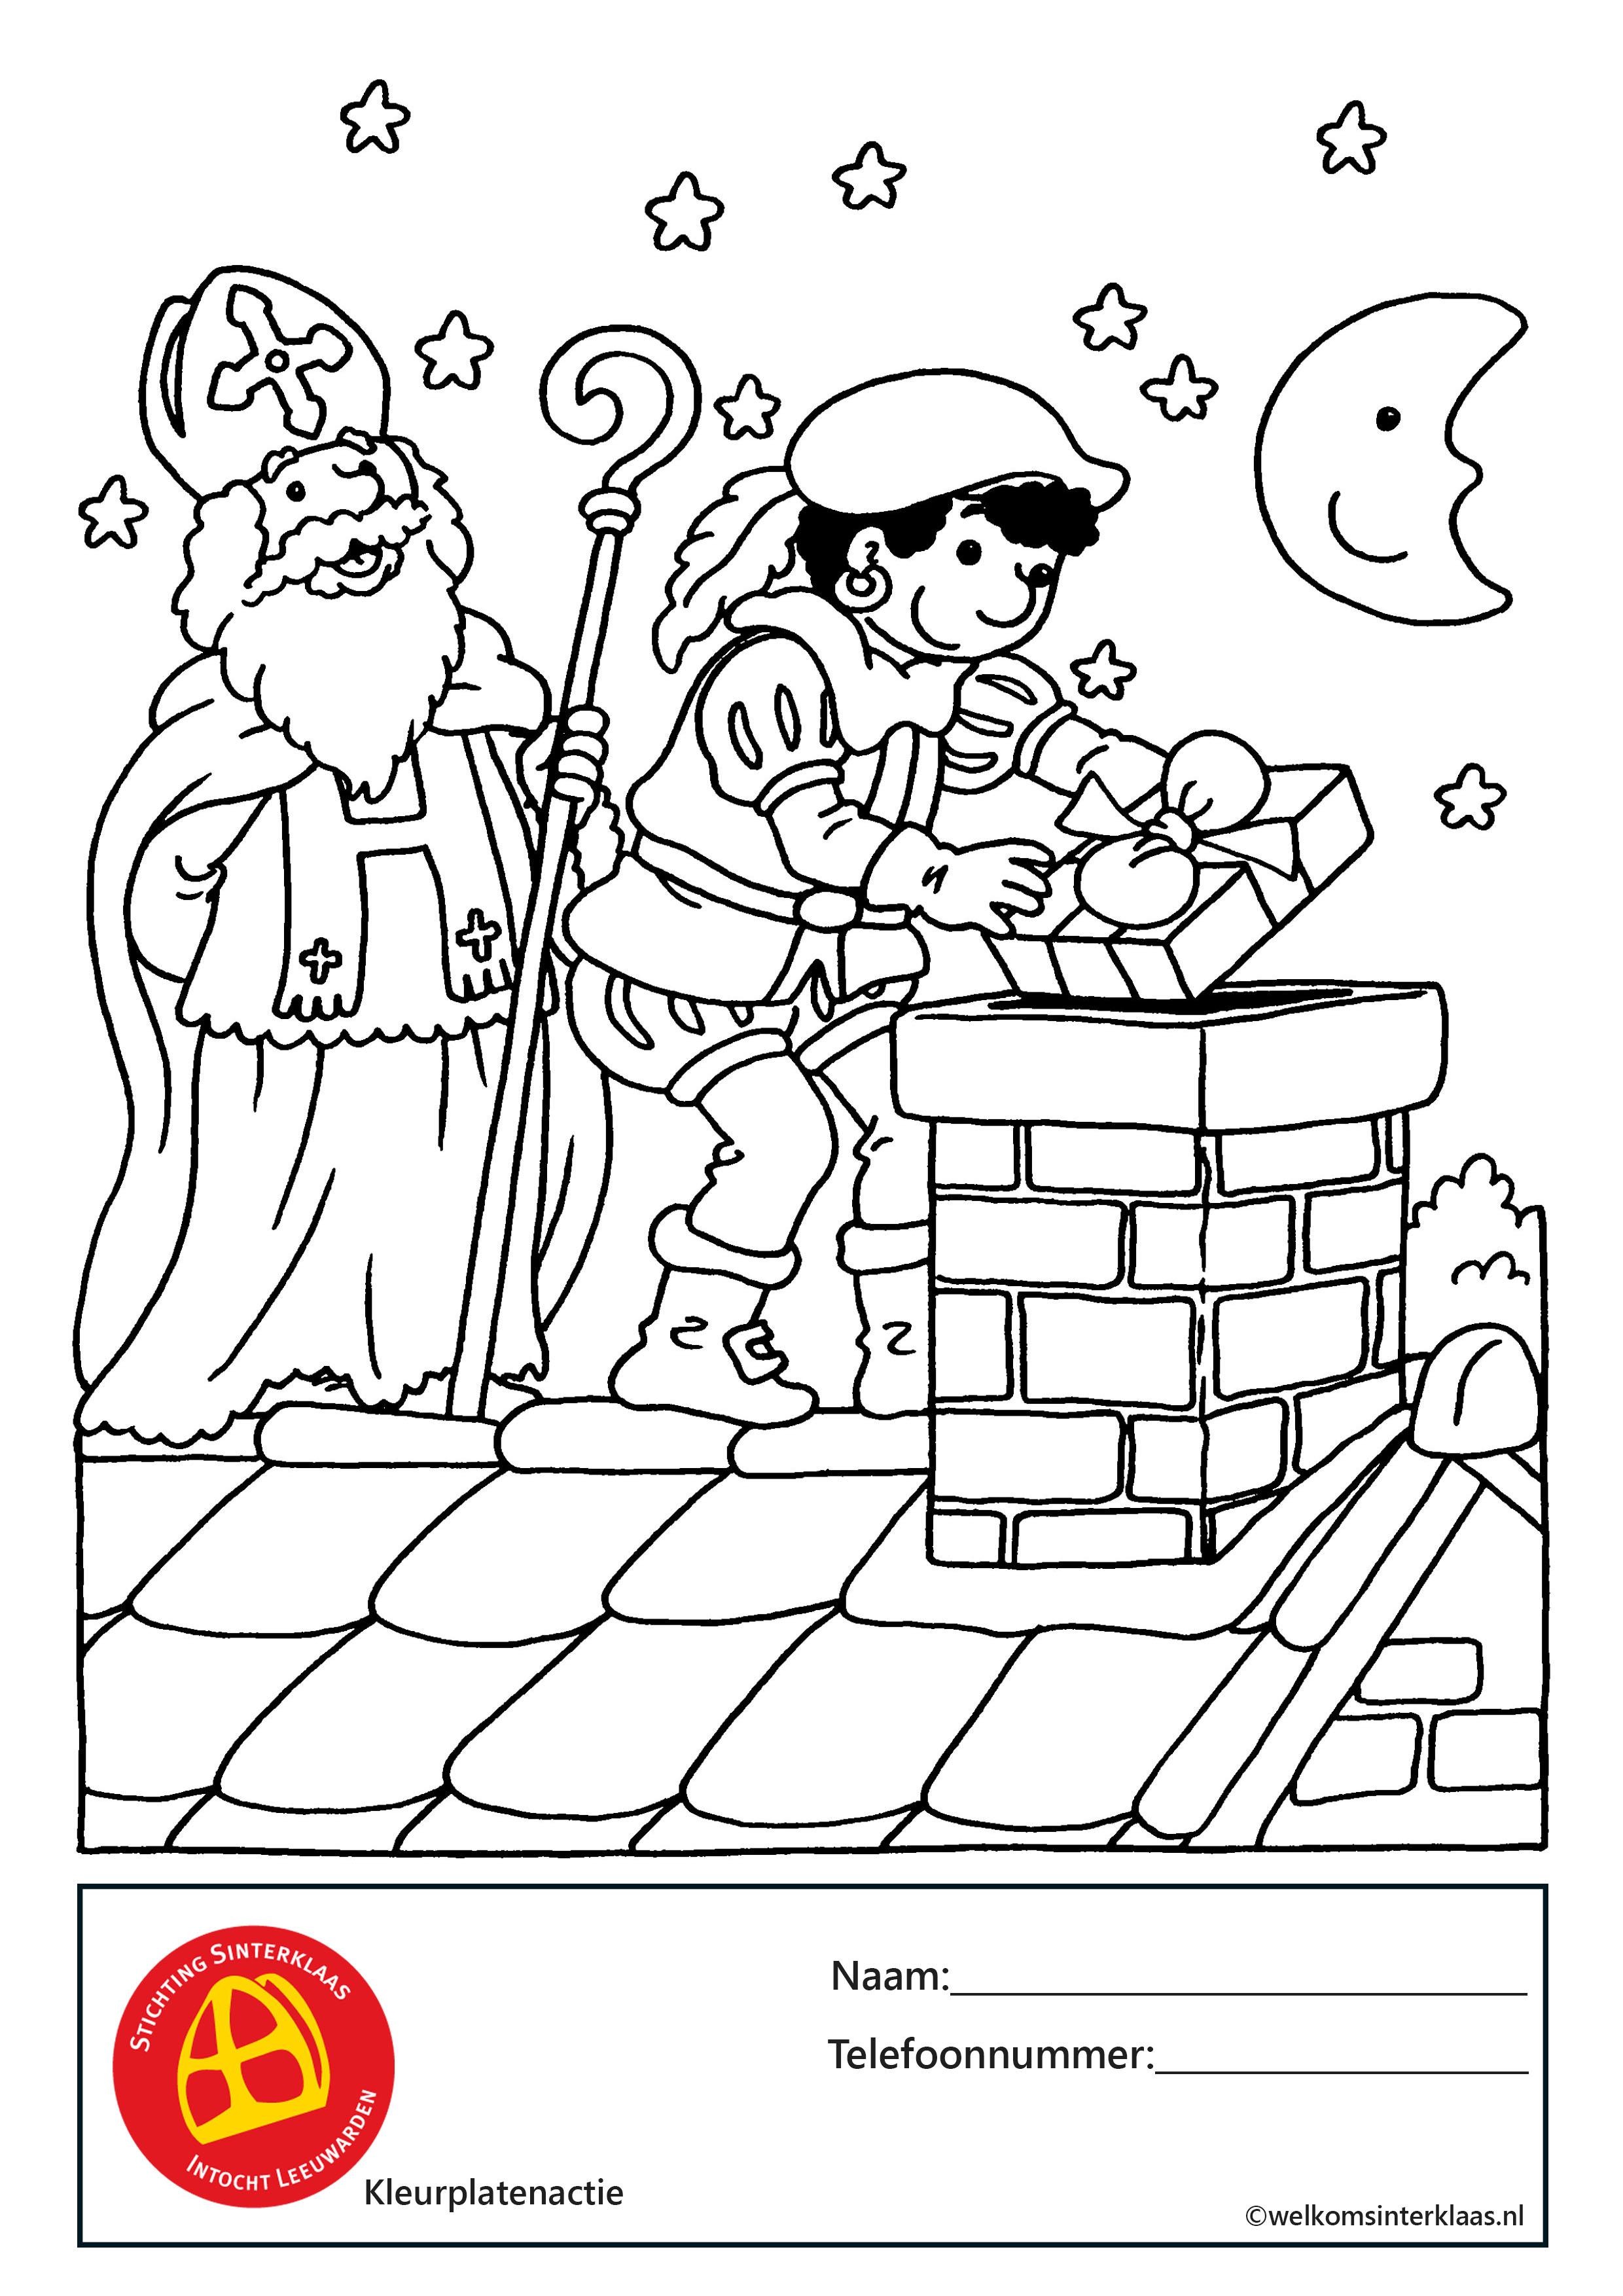 Sint en Piet brengen pakjes